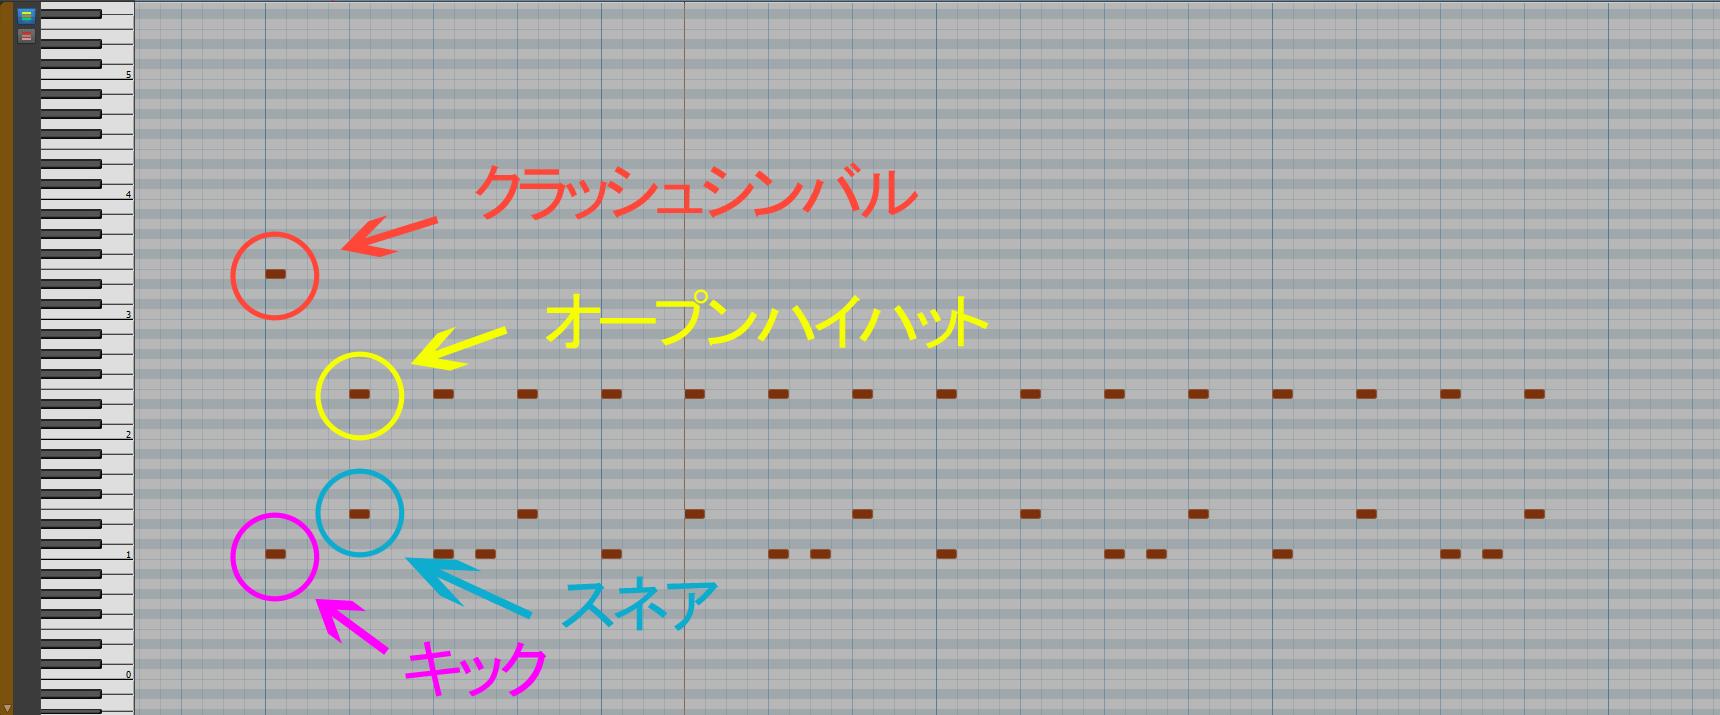 jk_drum_midi_1_tx